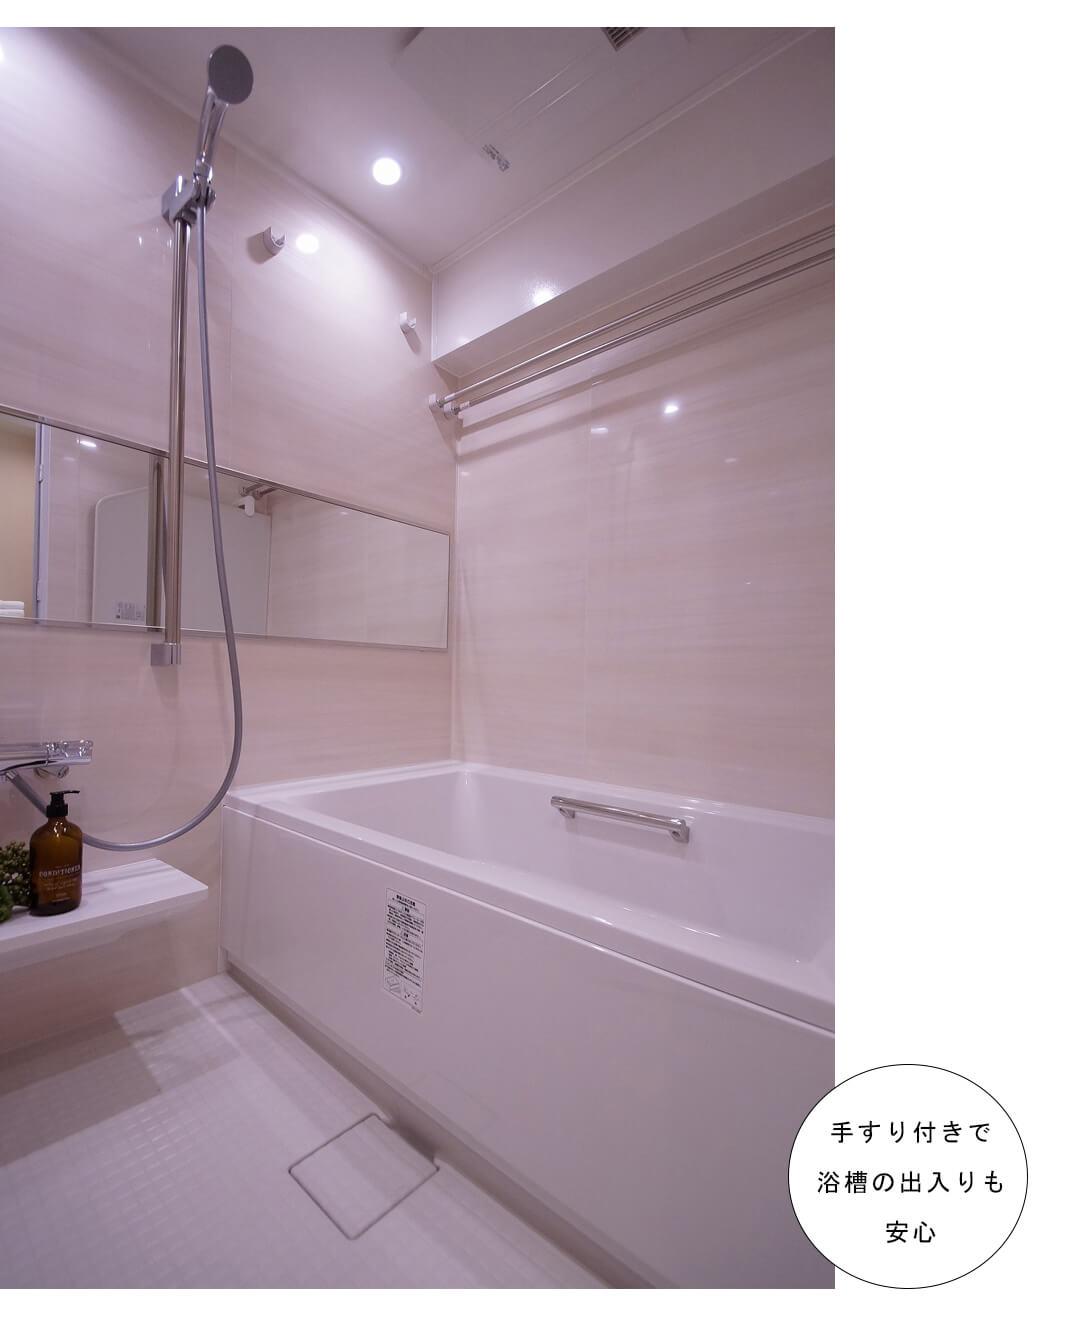 東建参宮橋マンション 706の浴室